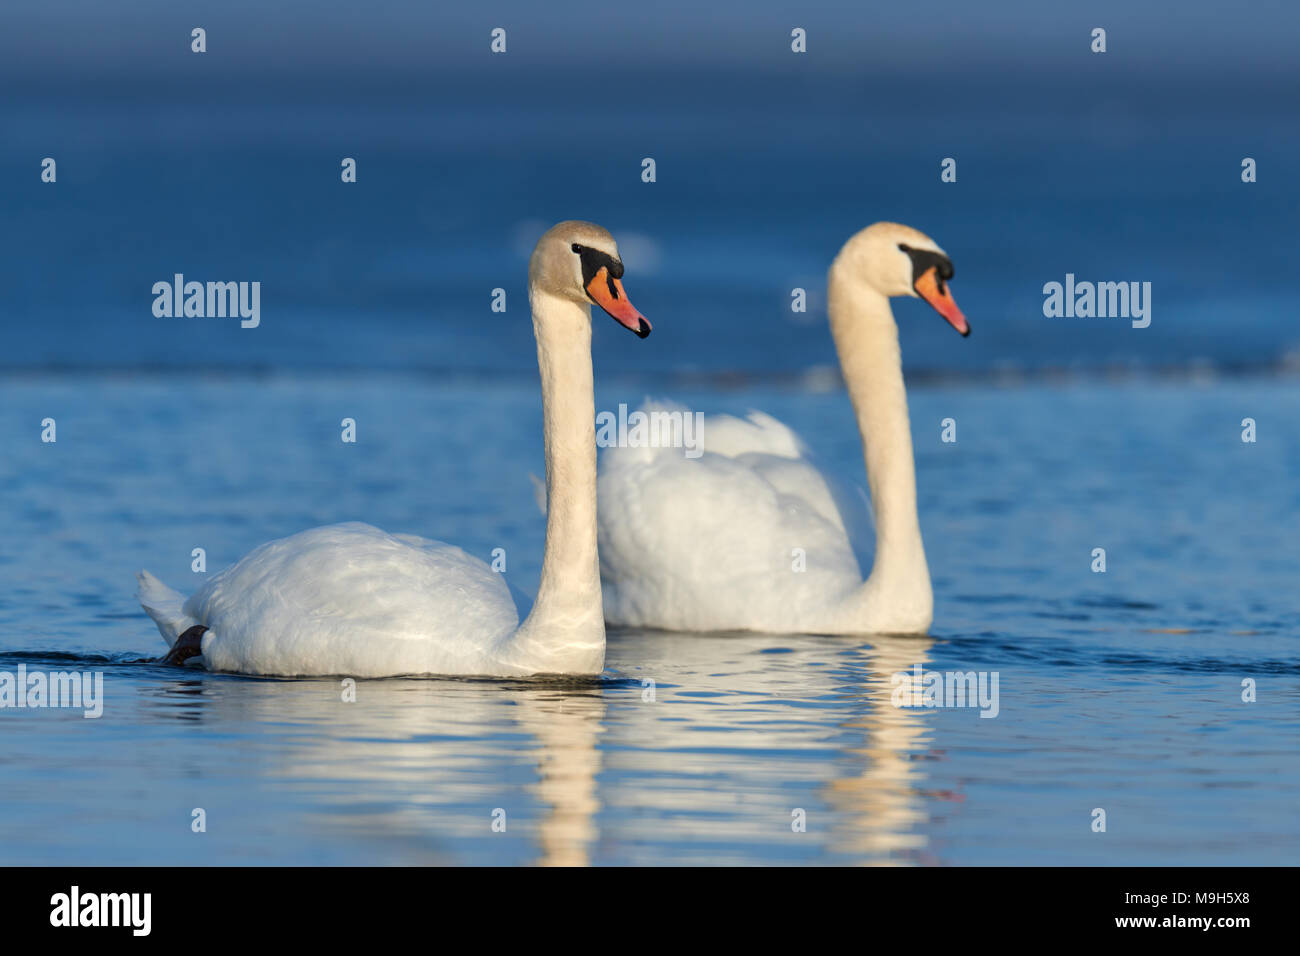 Coppia romantica di cigni sul lago. Swan riflesso nell'acqua Immagini Stock